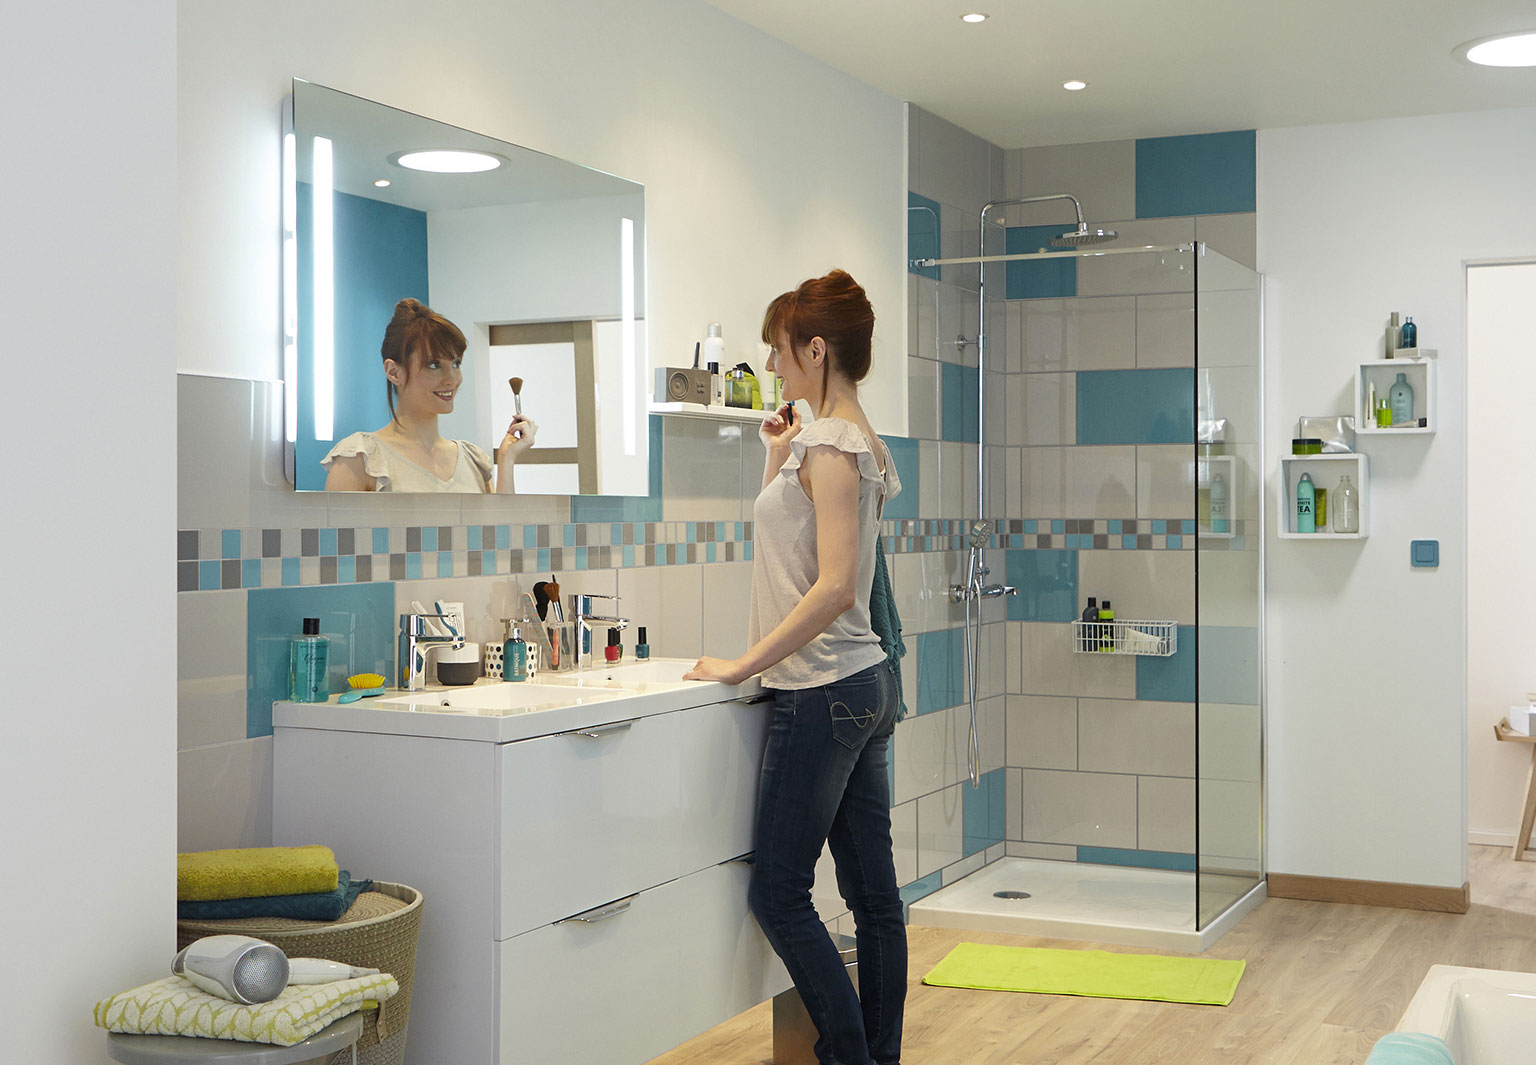 Osez la salle de bains Leroy Merlin - Femme Actuelle